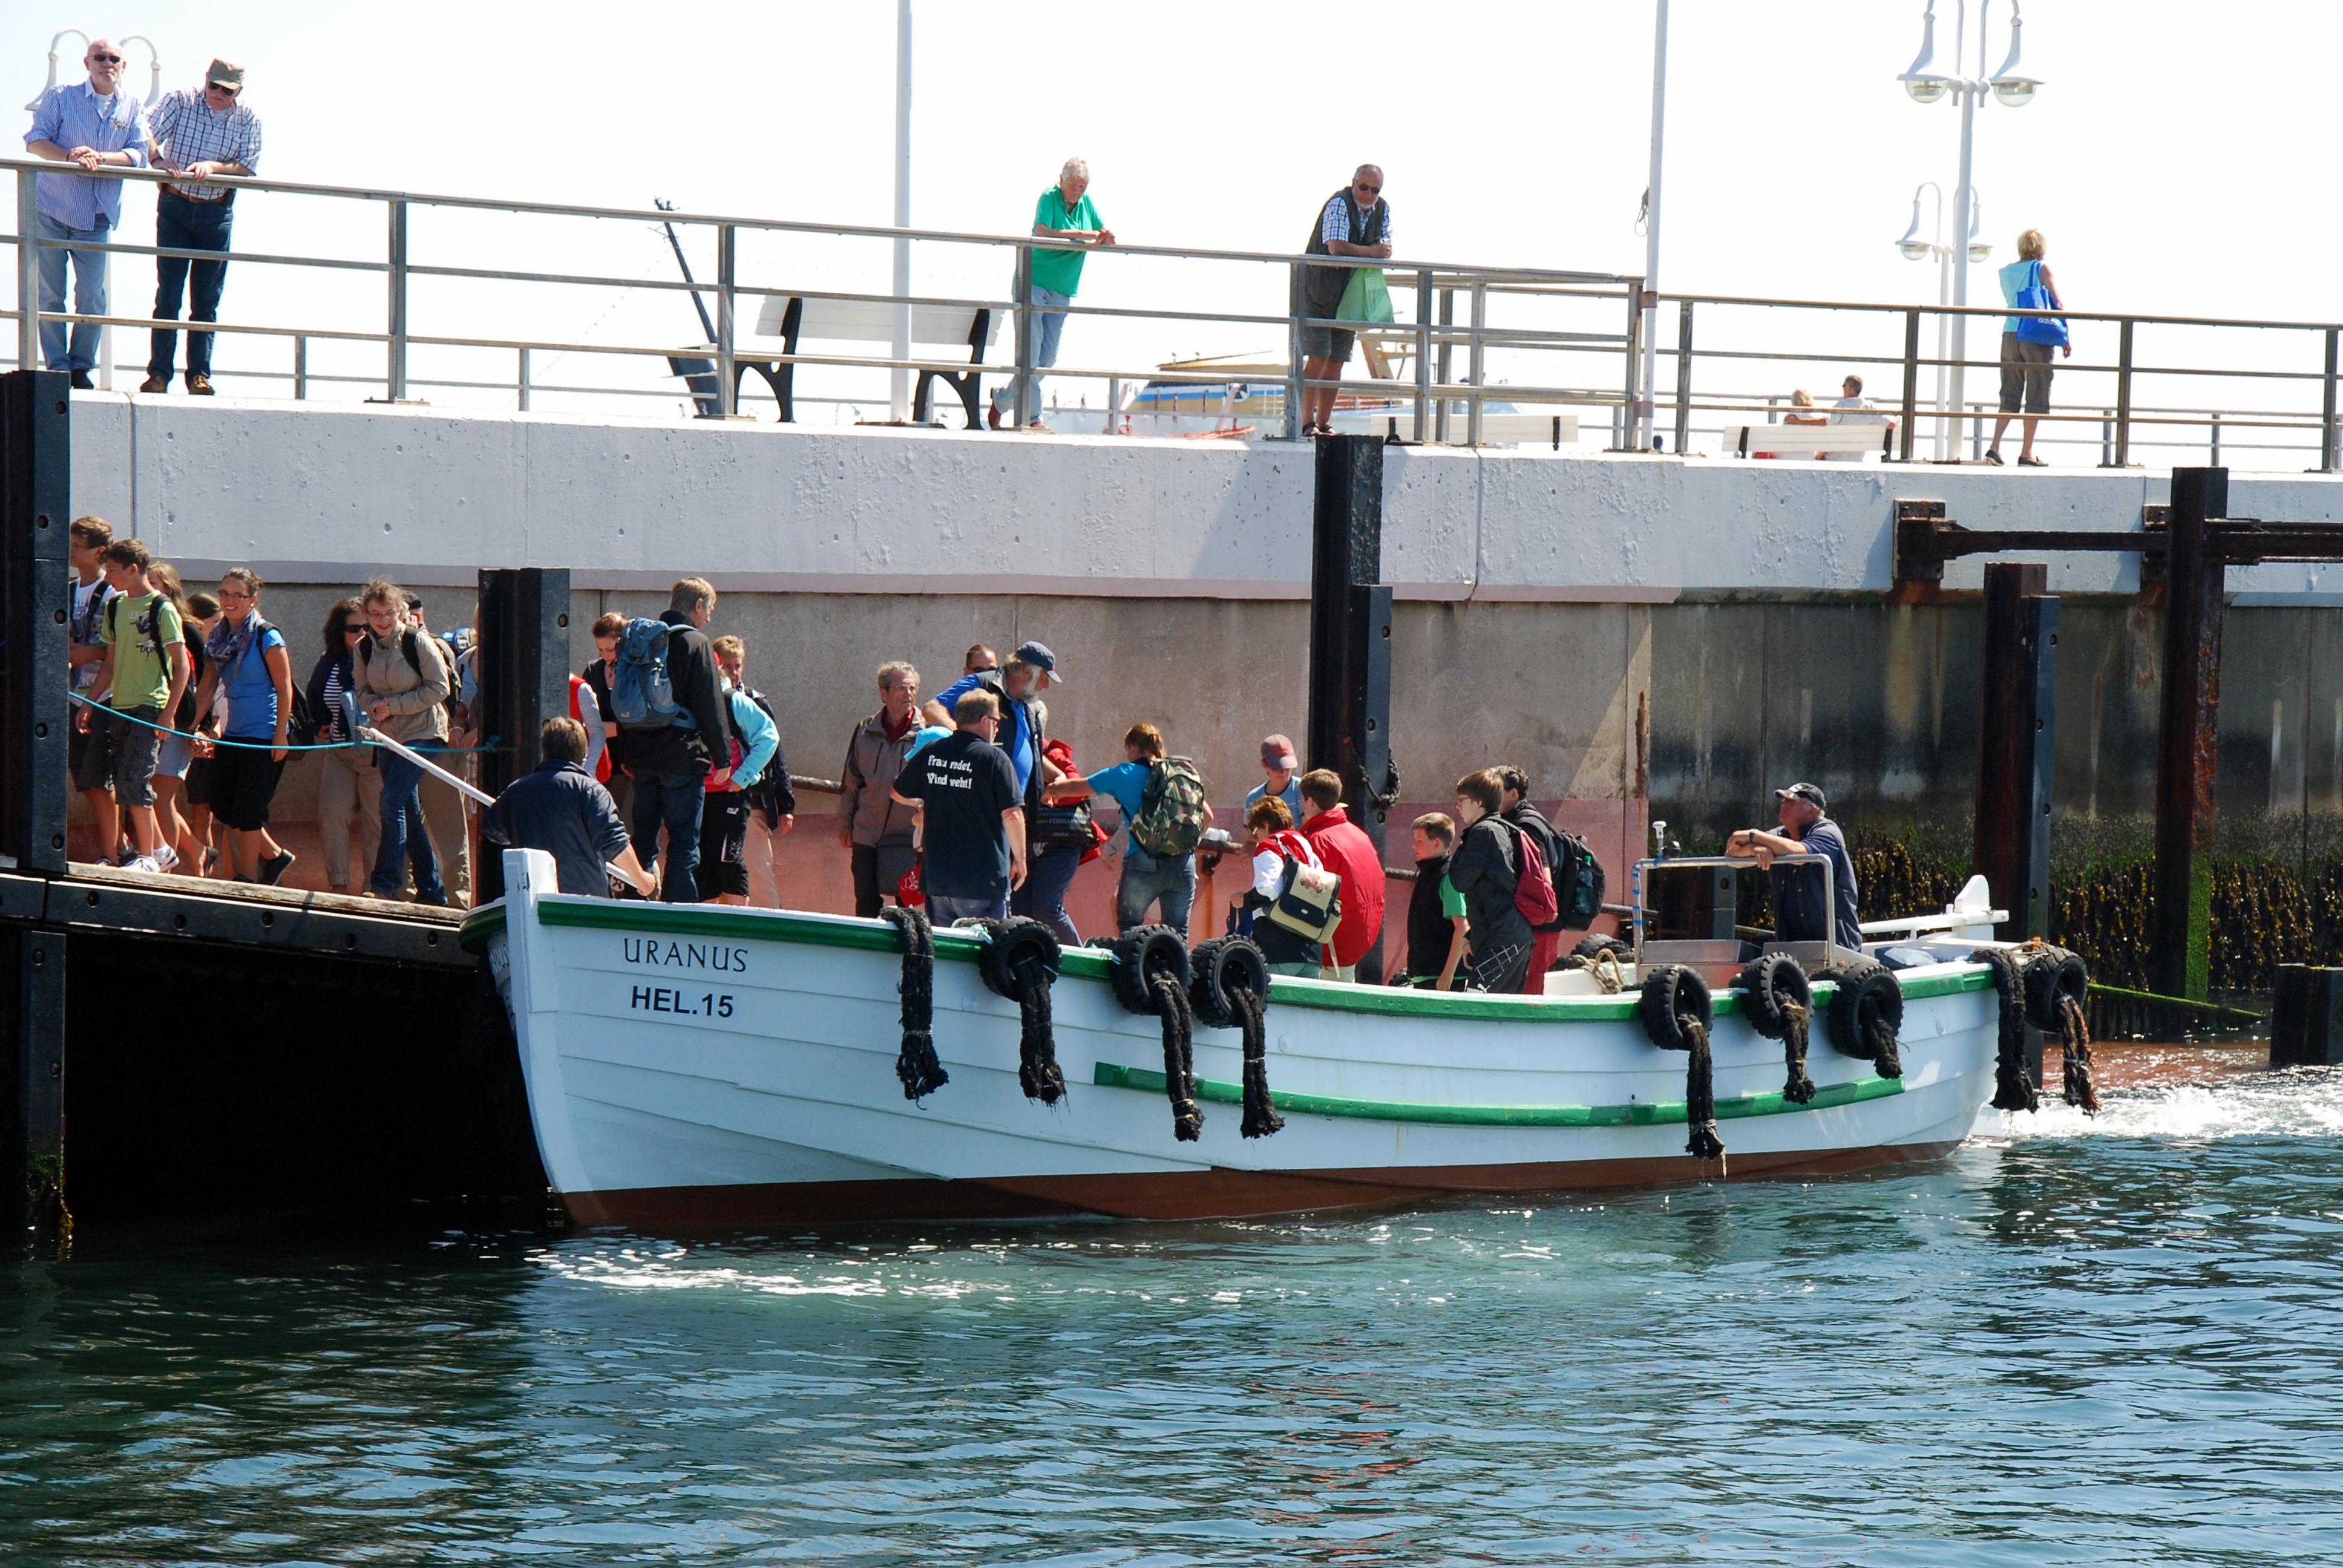 Passagerer går fra borde ved landgangsbroen der skråner ned i vandet.